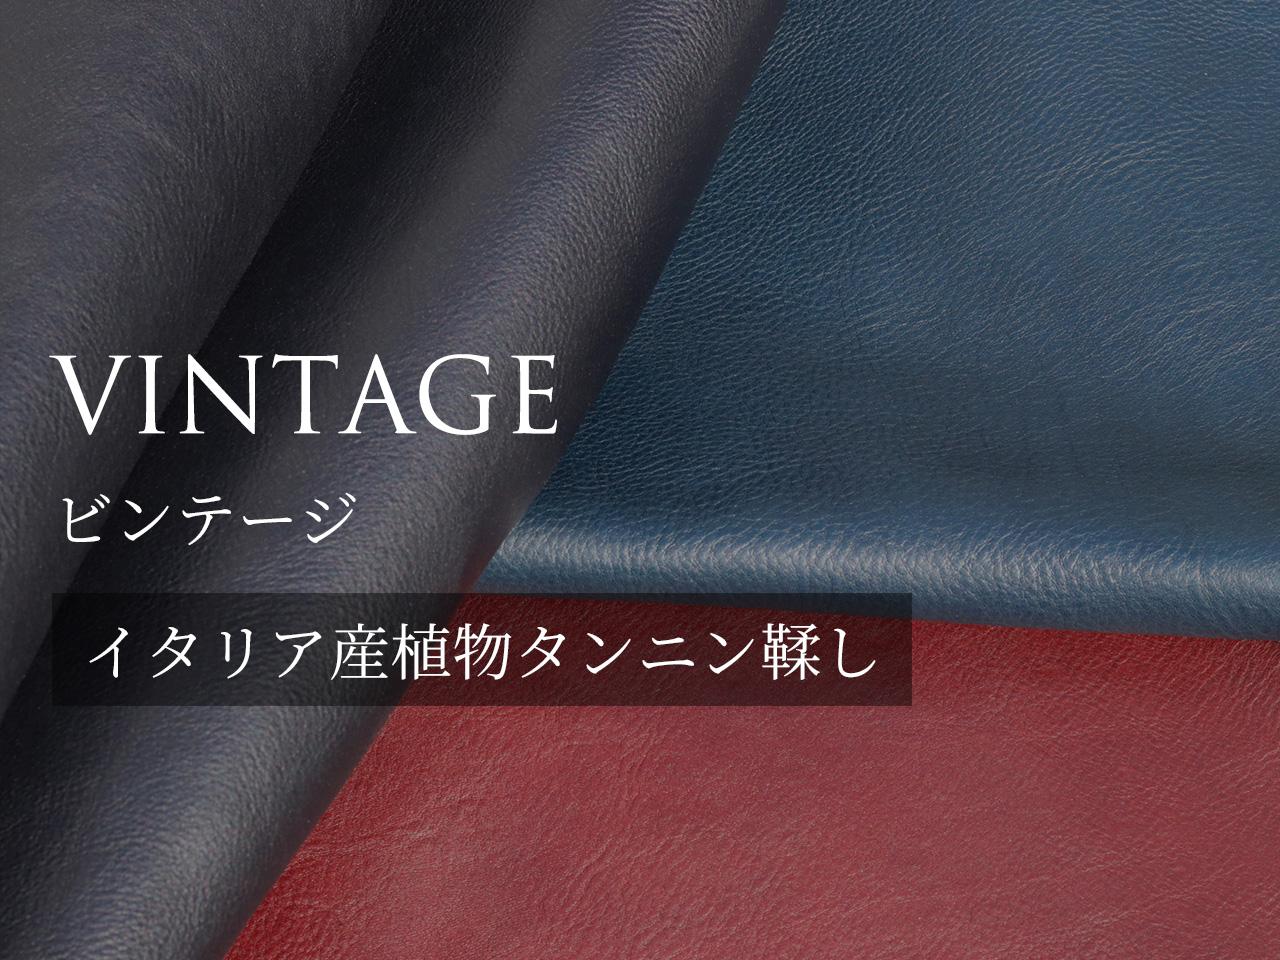 VINTAGE(ビンテージ)について